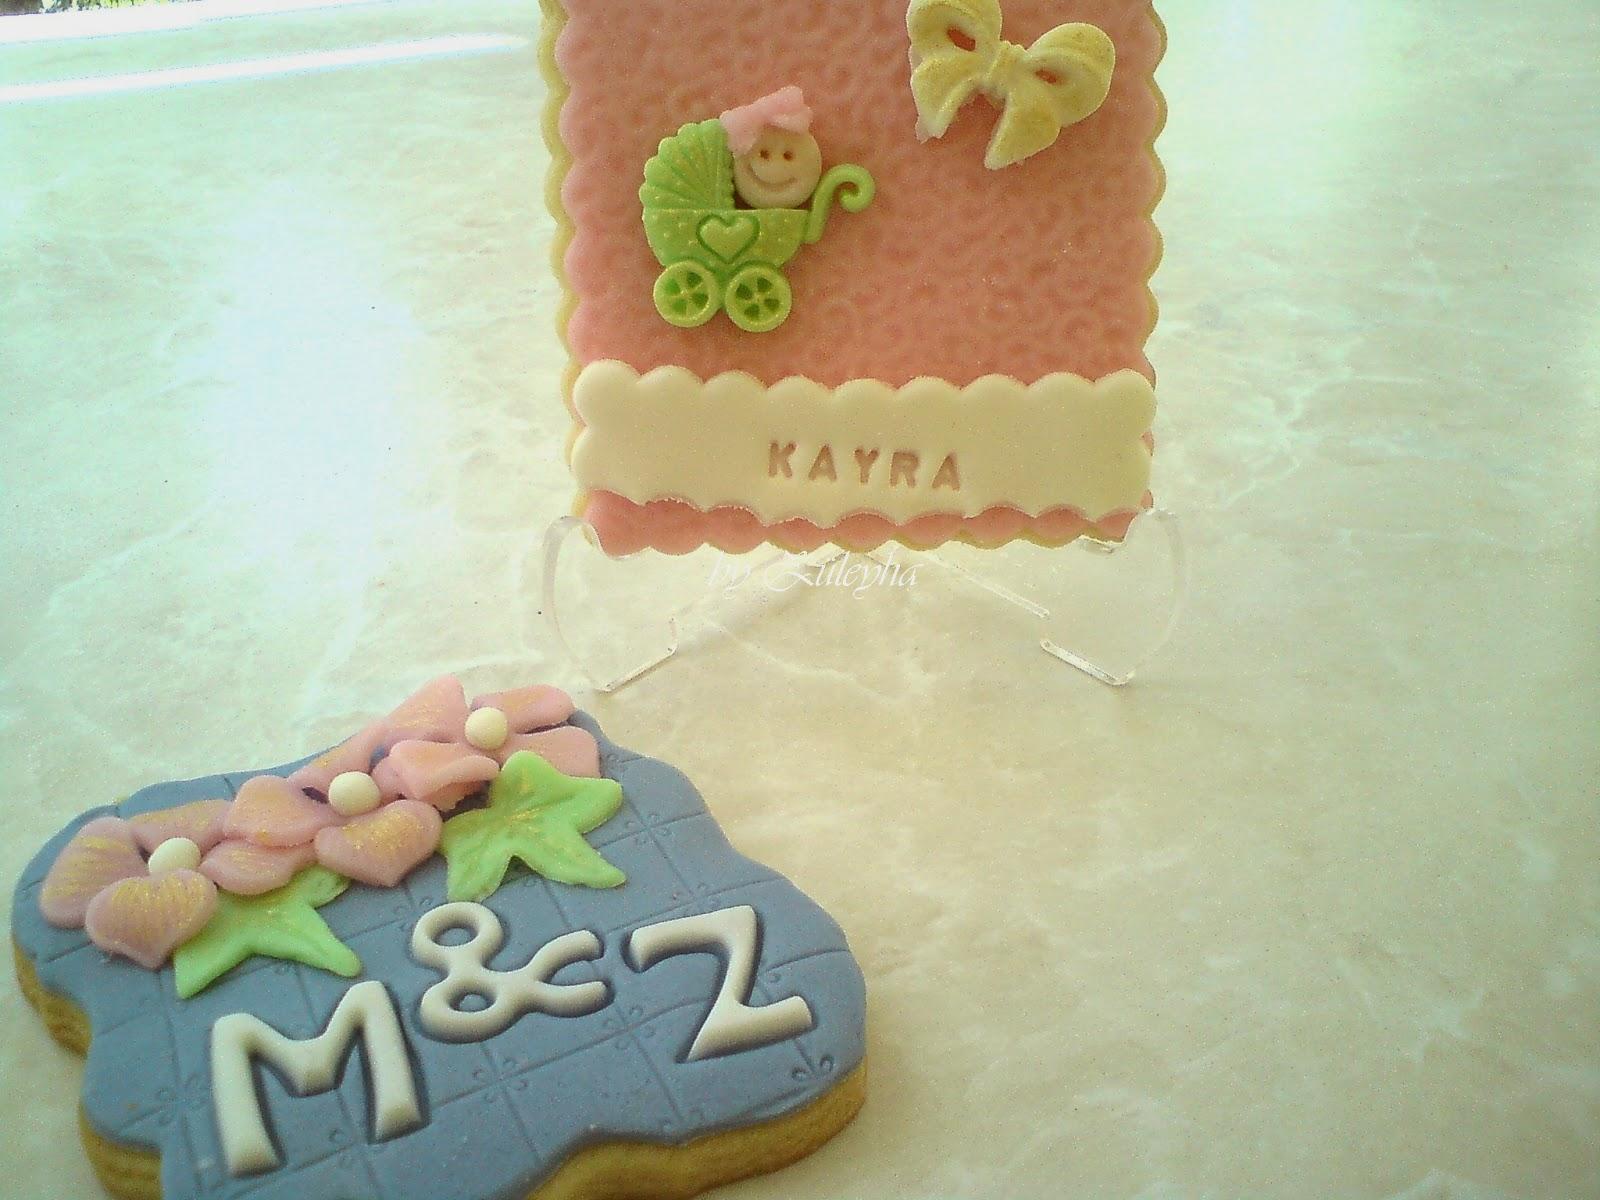 butik kurabiye,nişan kurabiyesi,nikah kurabiyesi,düğün kurabiyesi,şeker hamurlu kurabiye,kına kurabiyesi,kurabiye